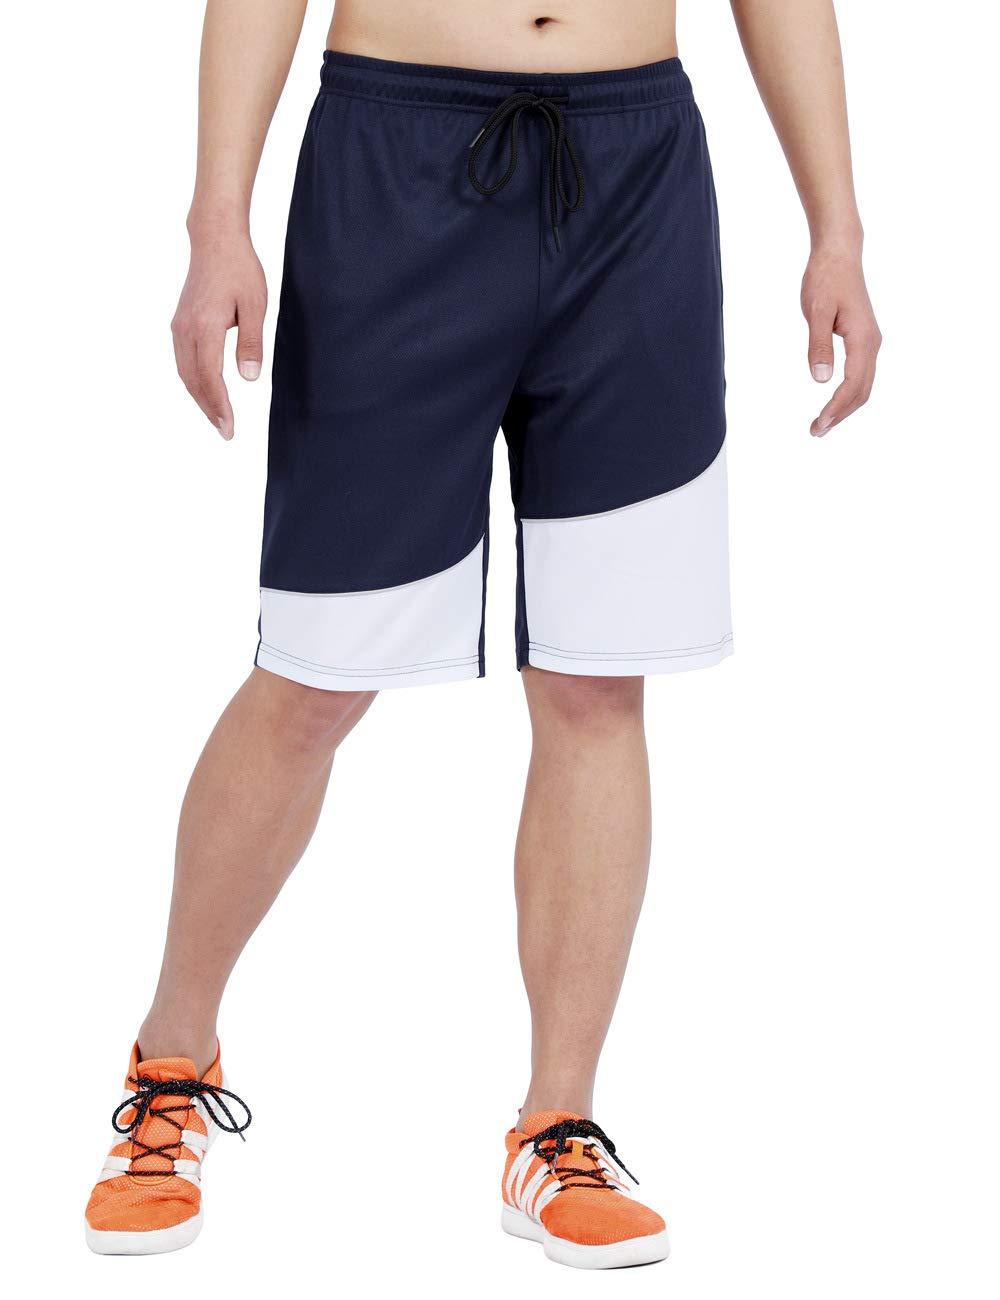 DISHANG Men's Cool Basketball Shorts Mesh Quick Dry Gym Shorts with Pocket